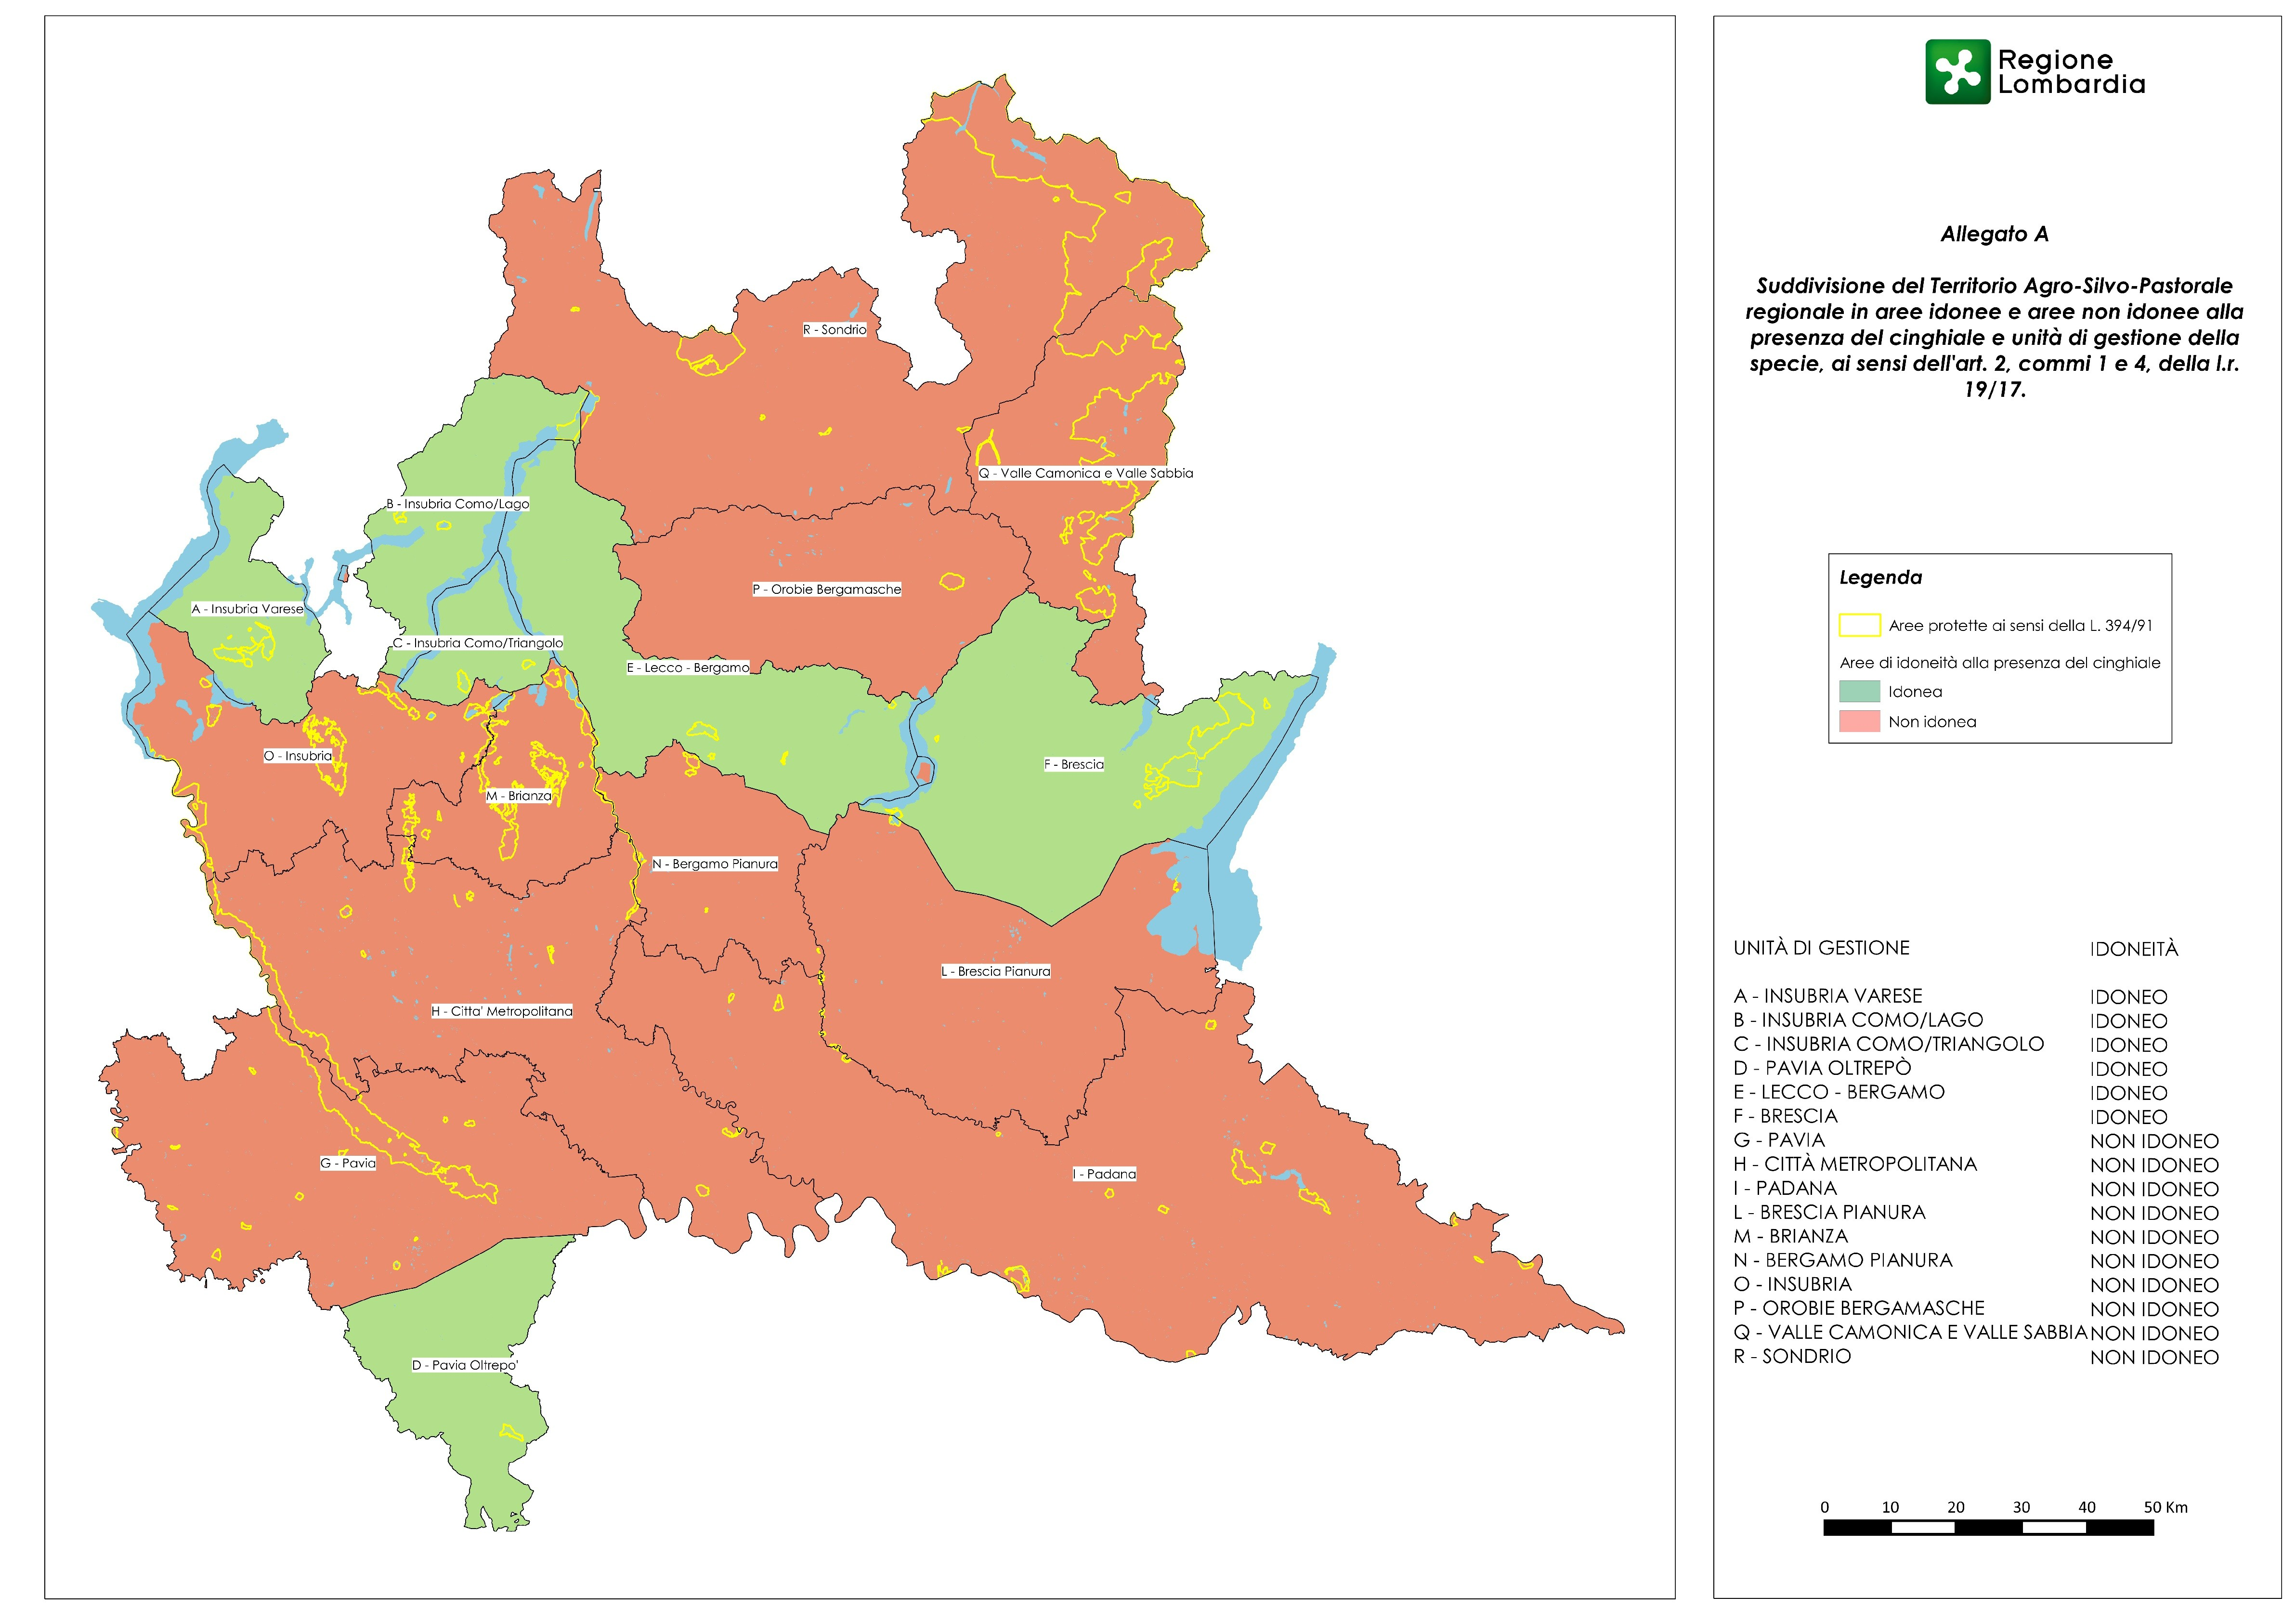 Questa la mappa con la suddivisione territoriale